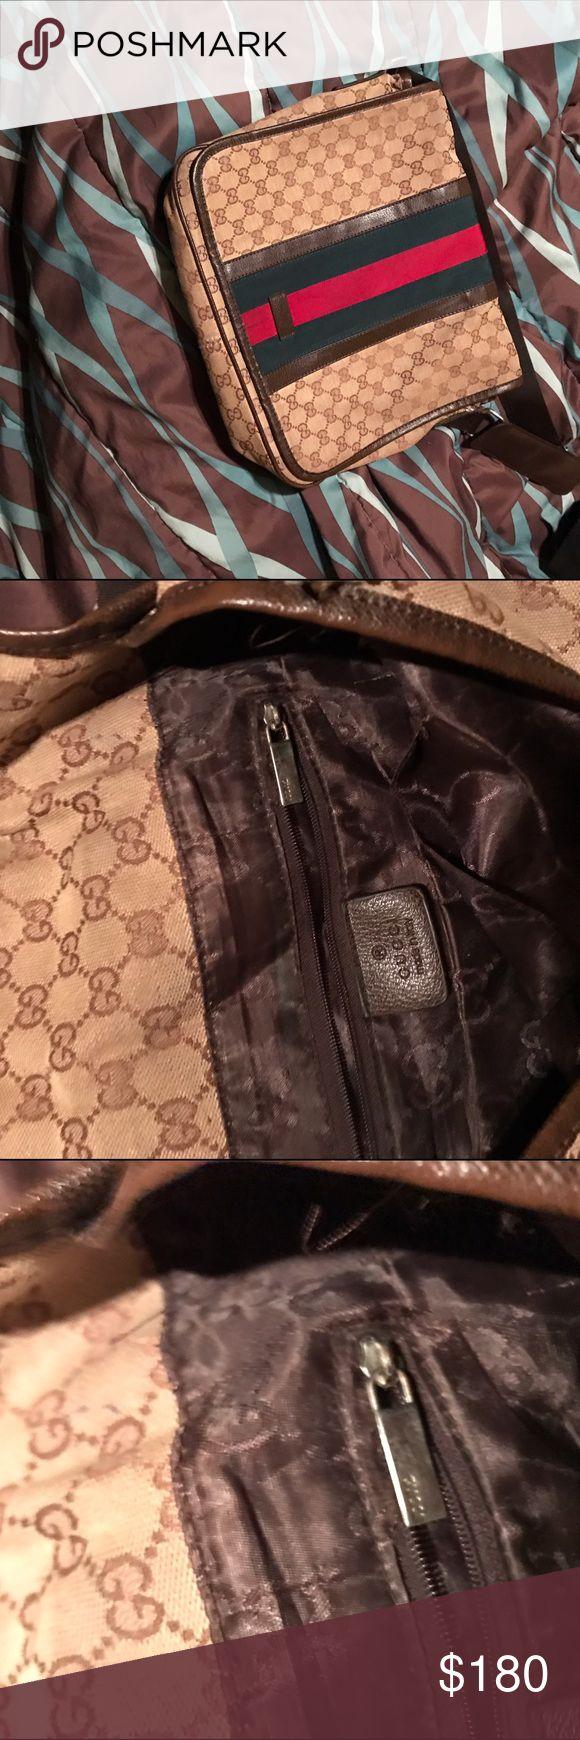 Gucci Messenger Bag Gucci Messenger Bag Slight Tear Gucci Bags